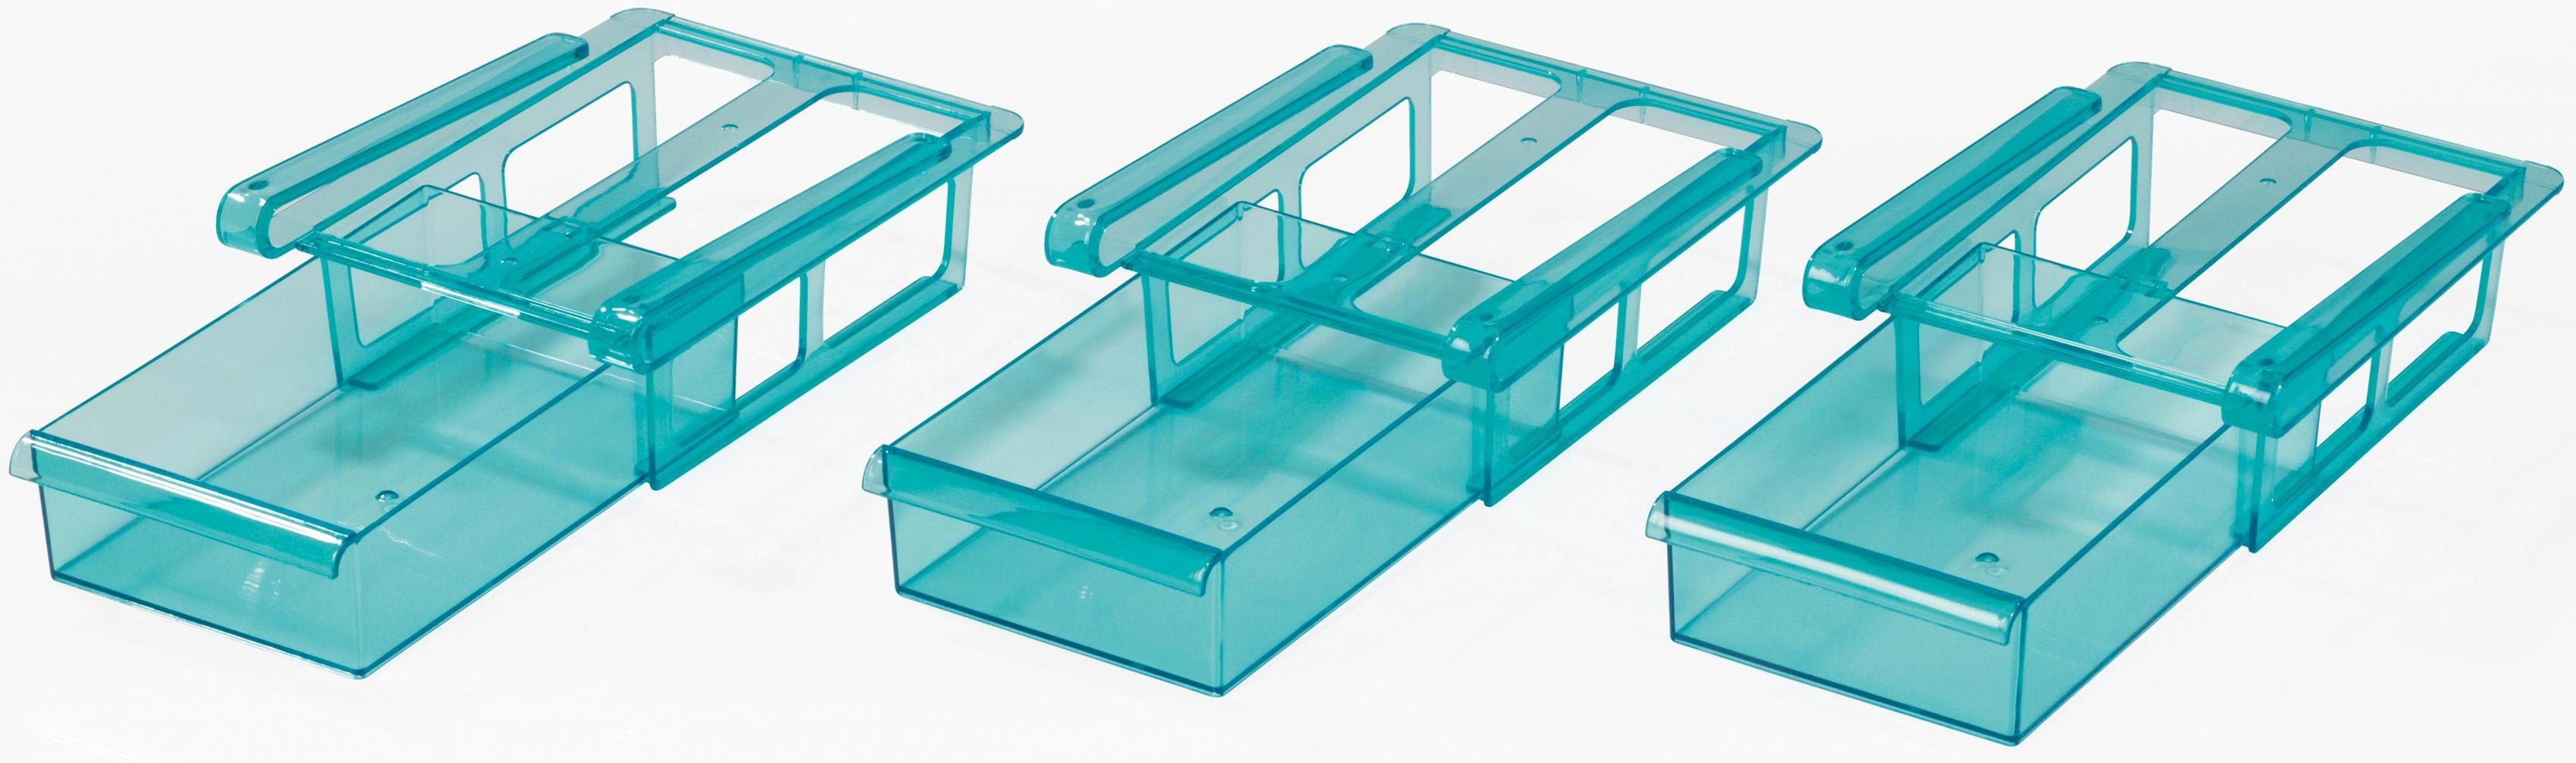 Gourmet®Maxx Klemm-Schublade für Kühlschrank, 3er-Set